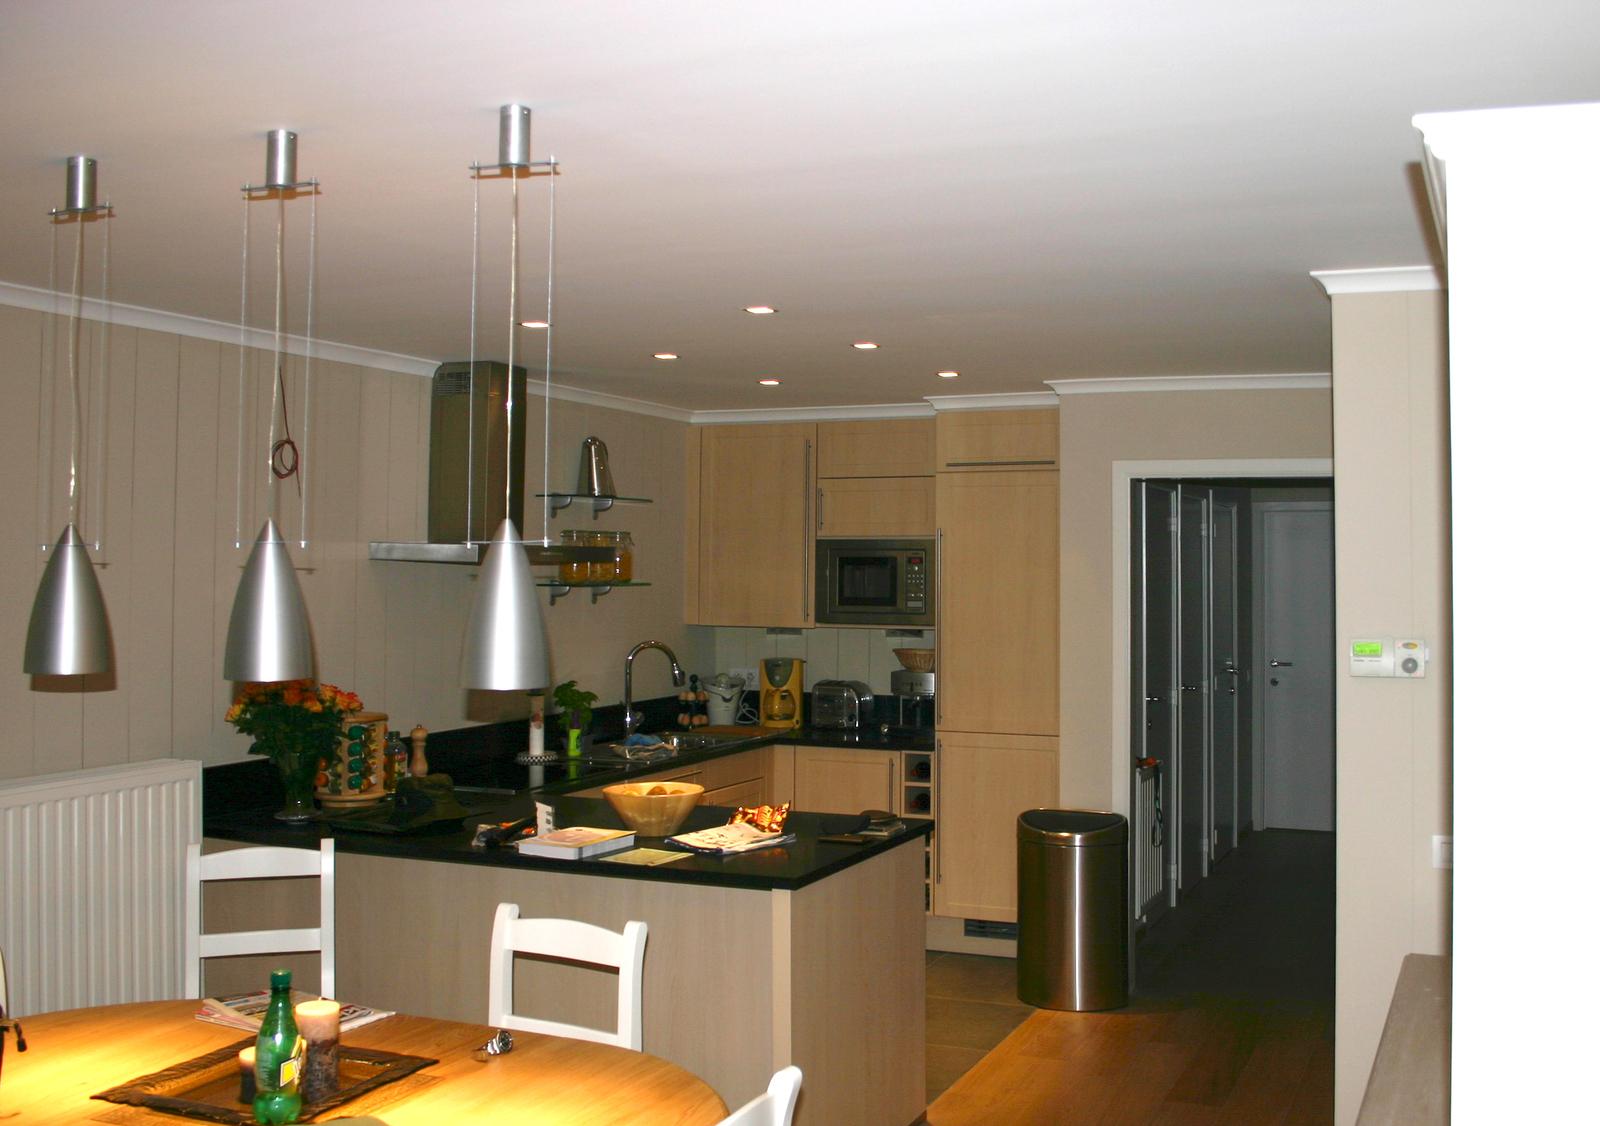 Cuisine et salle de bain bruxelles atelier orloff for Ateliers cuisine bruxelles